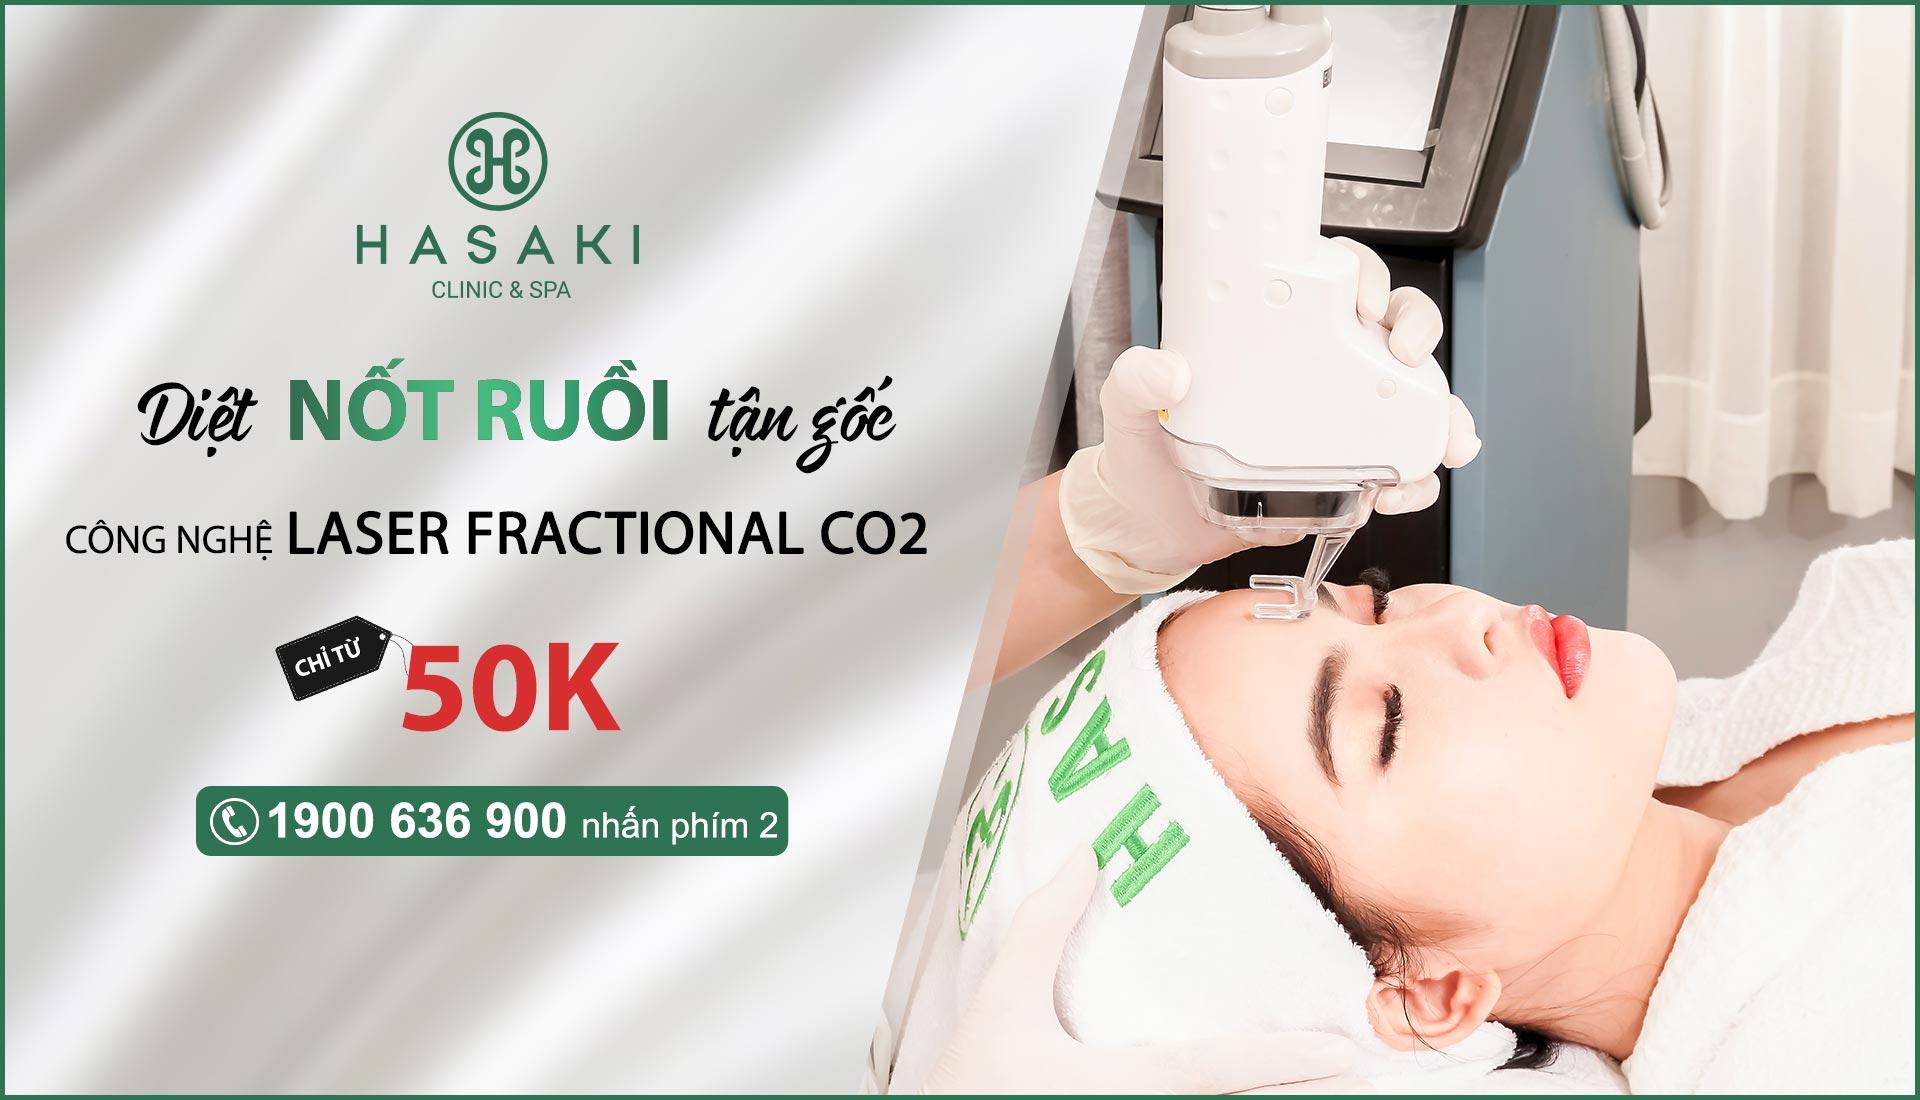 Điều trị nốt ruồi công nghệ Laser Fractional CO2 tại Hasaki Clinic & Spa